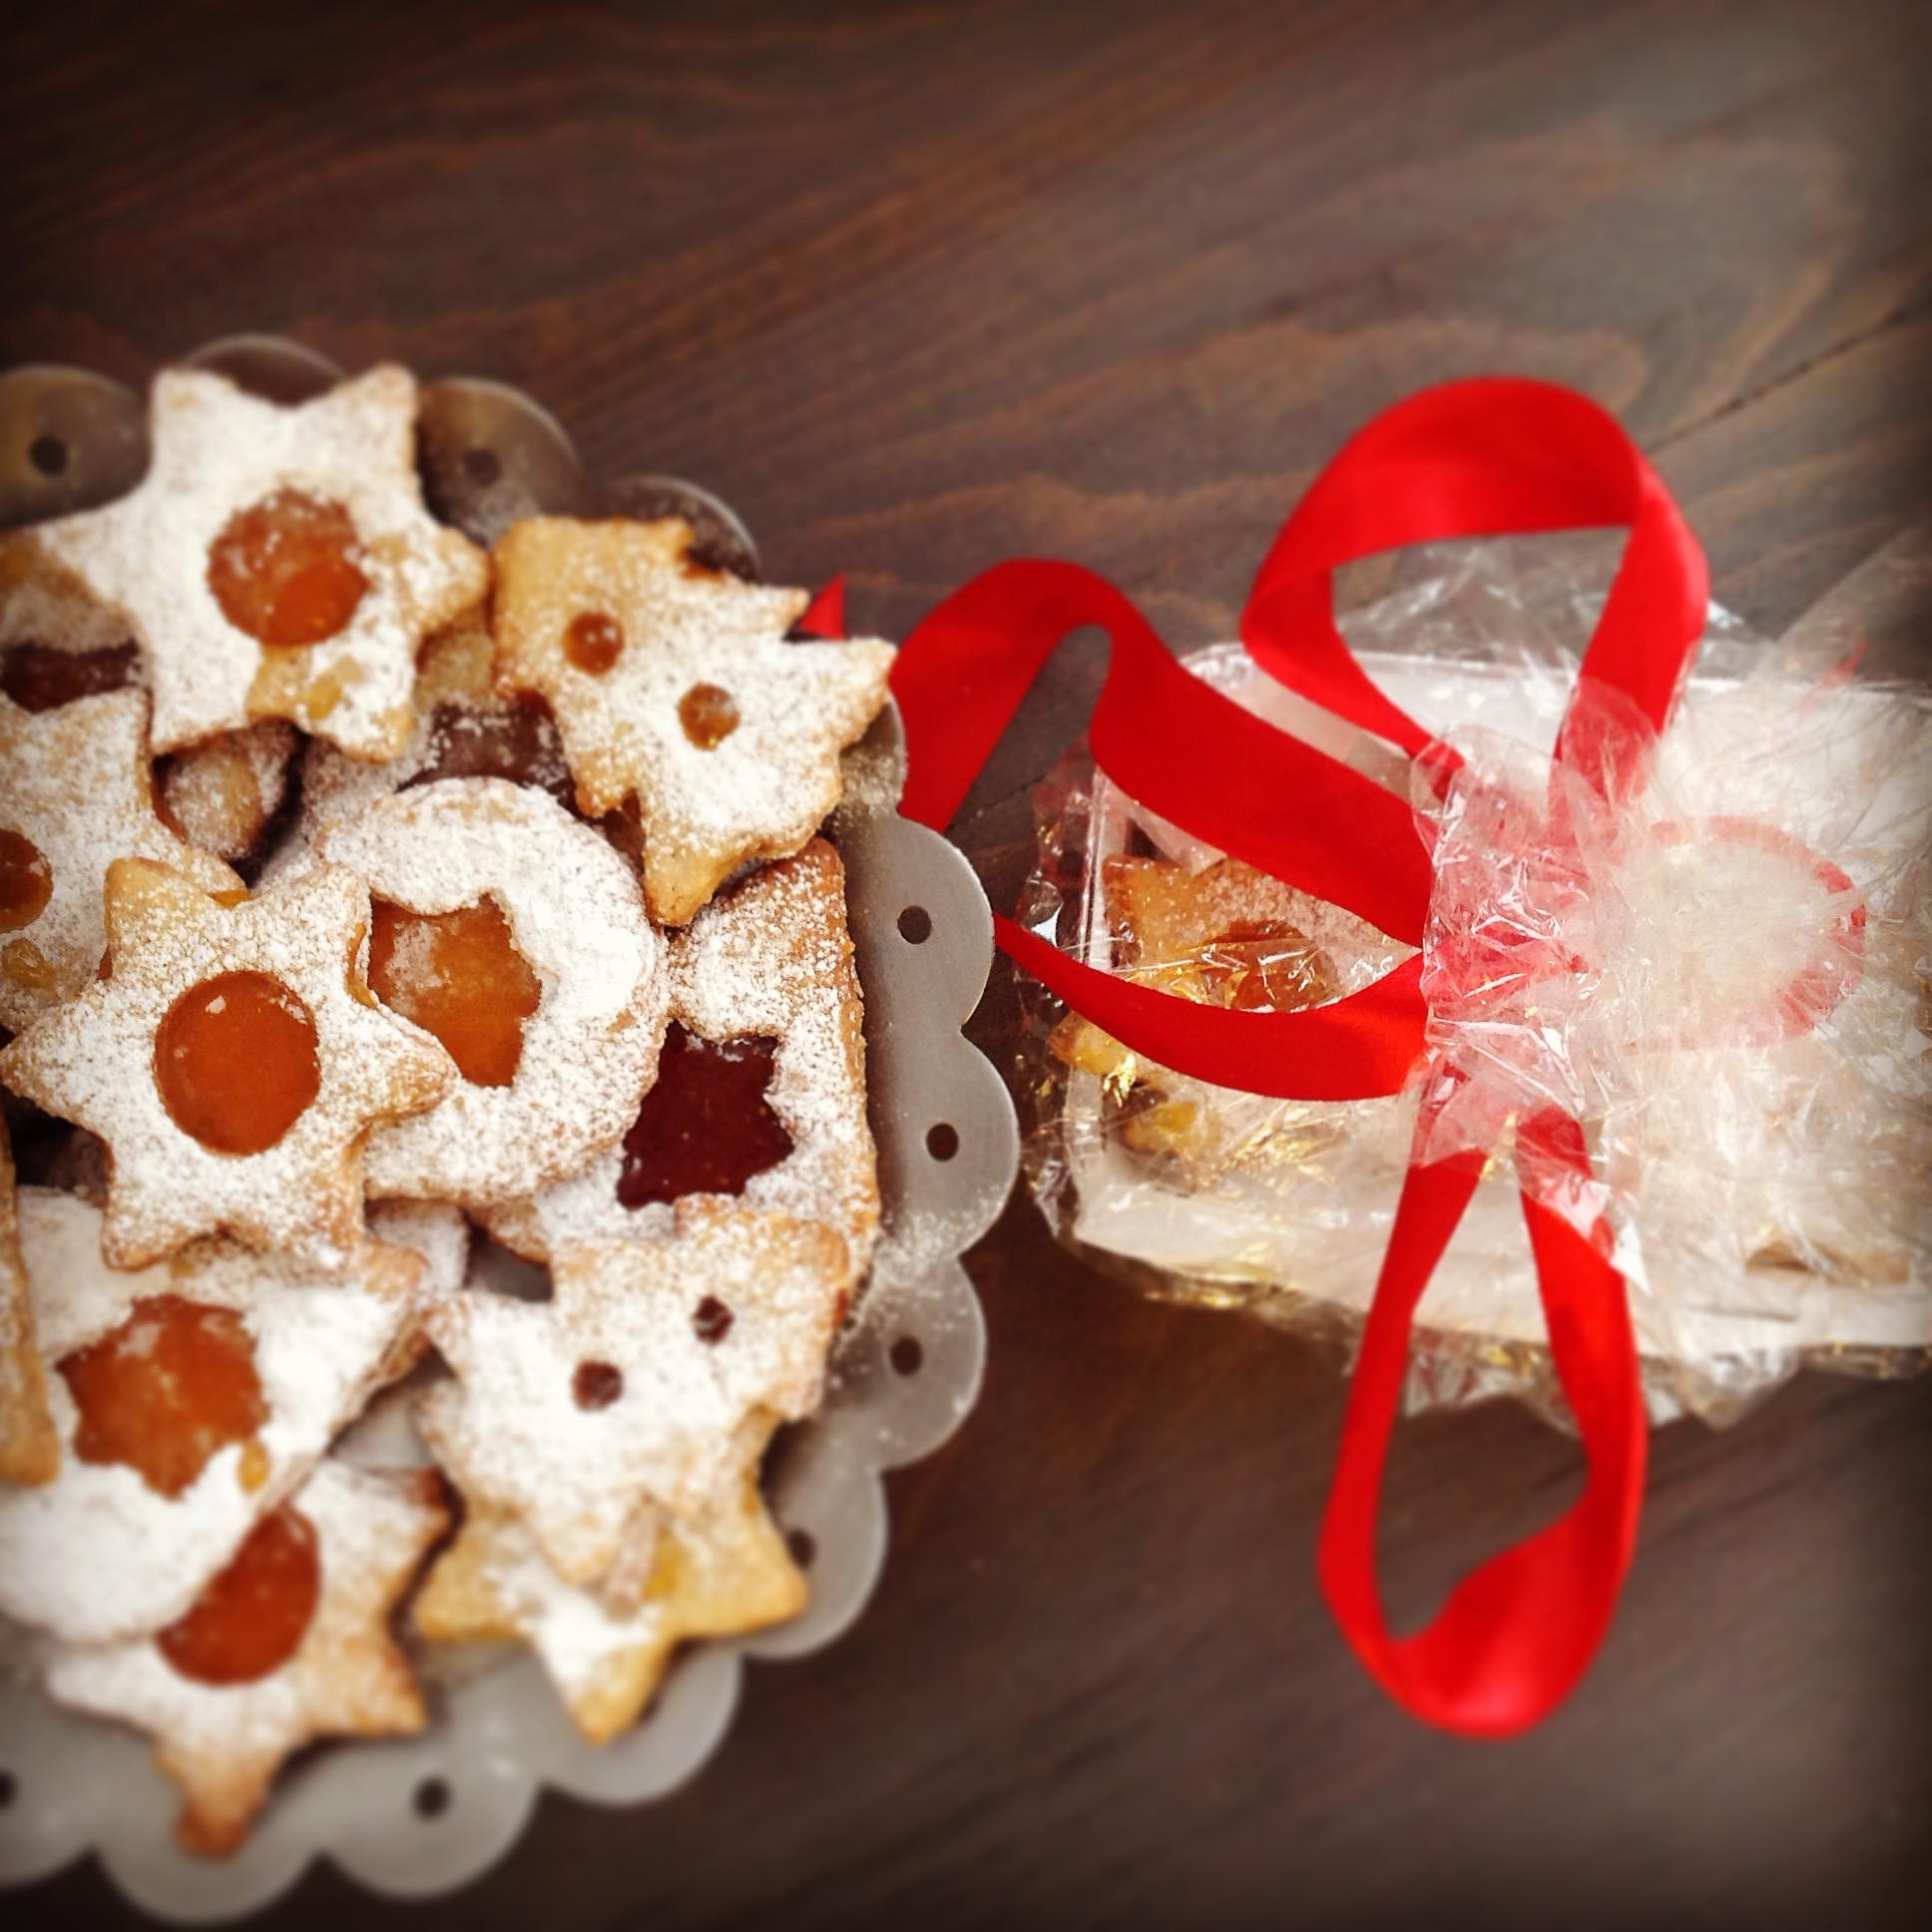 Fursecuri/biscuiti Linzer